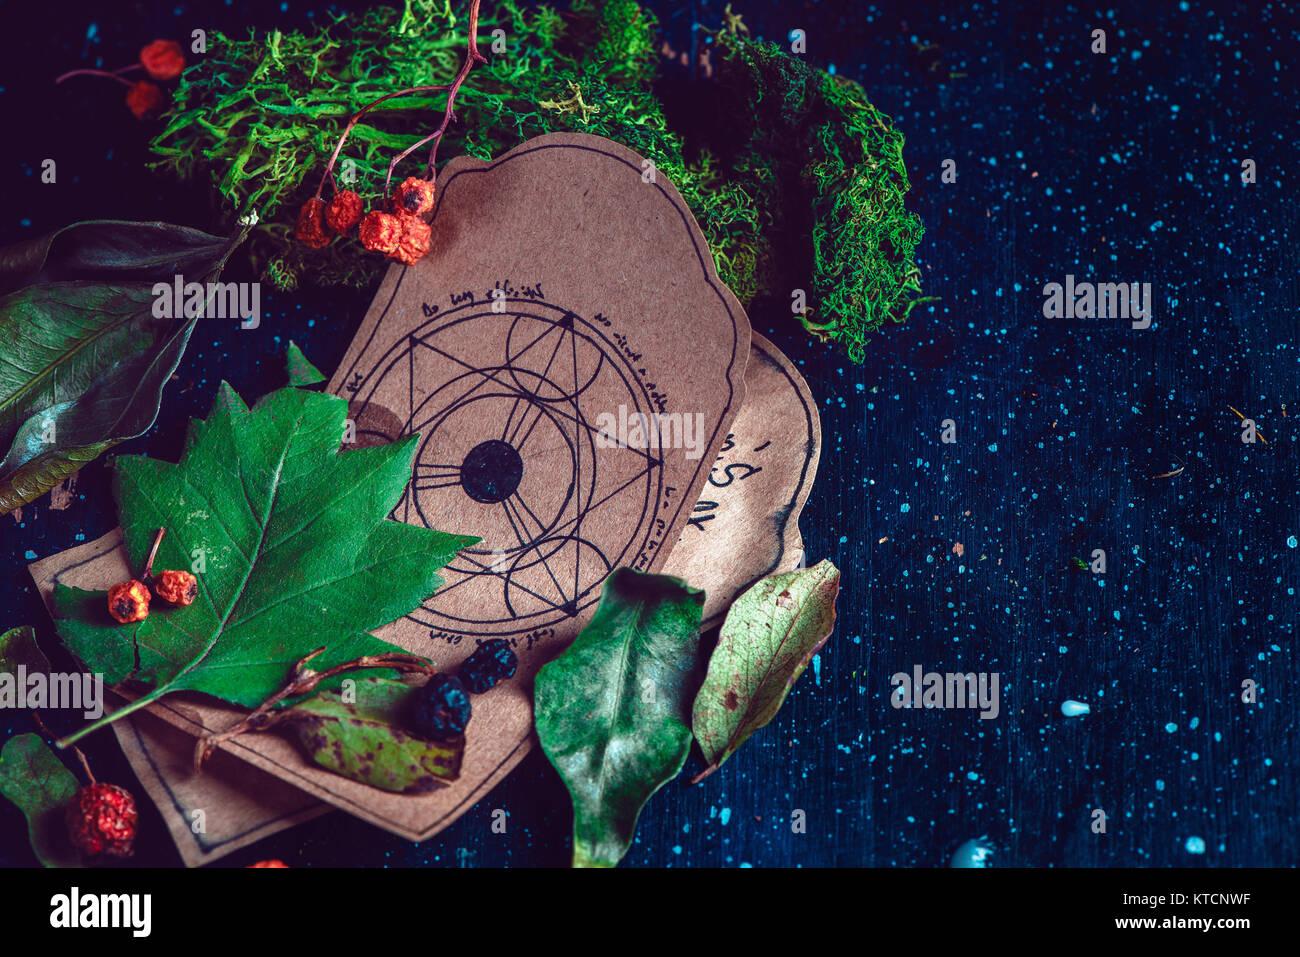 Pentagram dibujo en un pergamino con ingredientes de una poción mágica escena. Moderno concepto de brujería Imagen De Stock